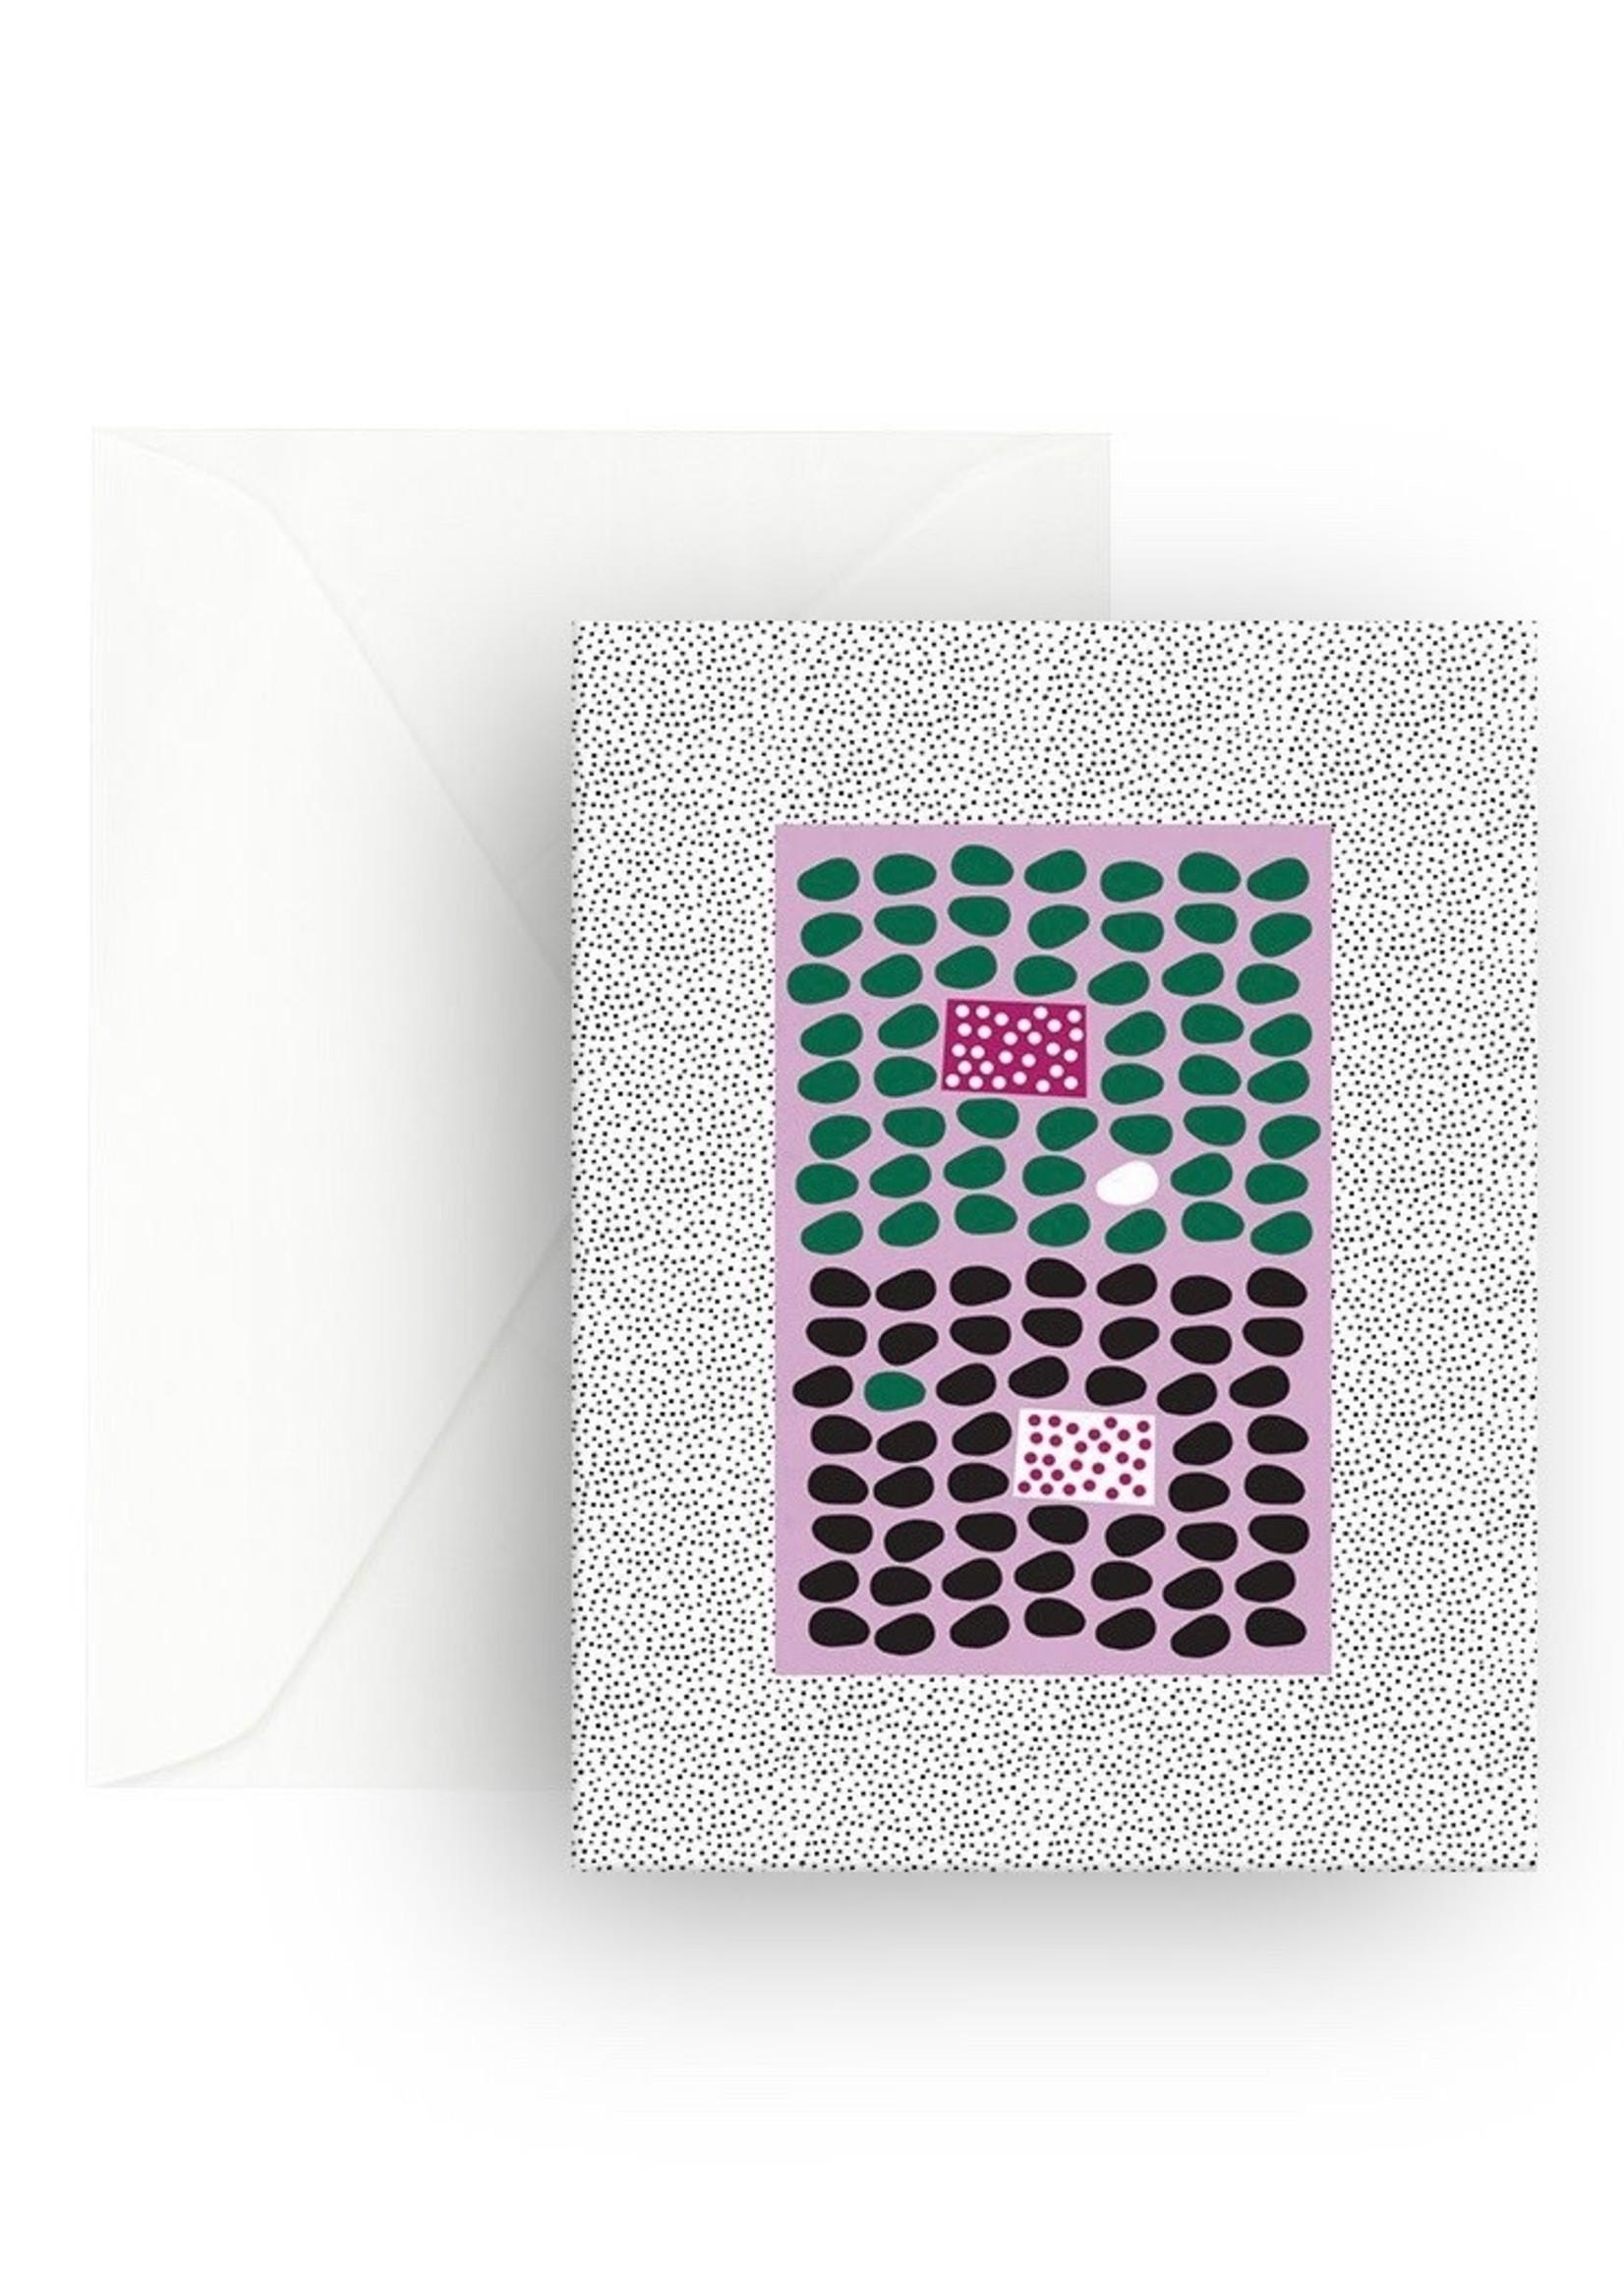 MezzaLuna Studio Cartes de souhait Mezzaluna